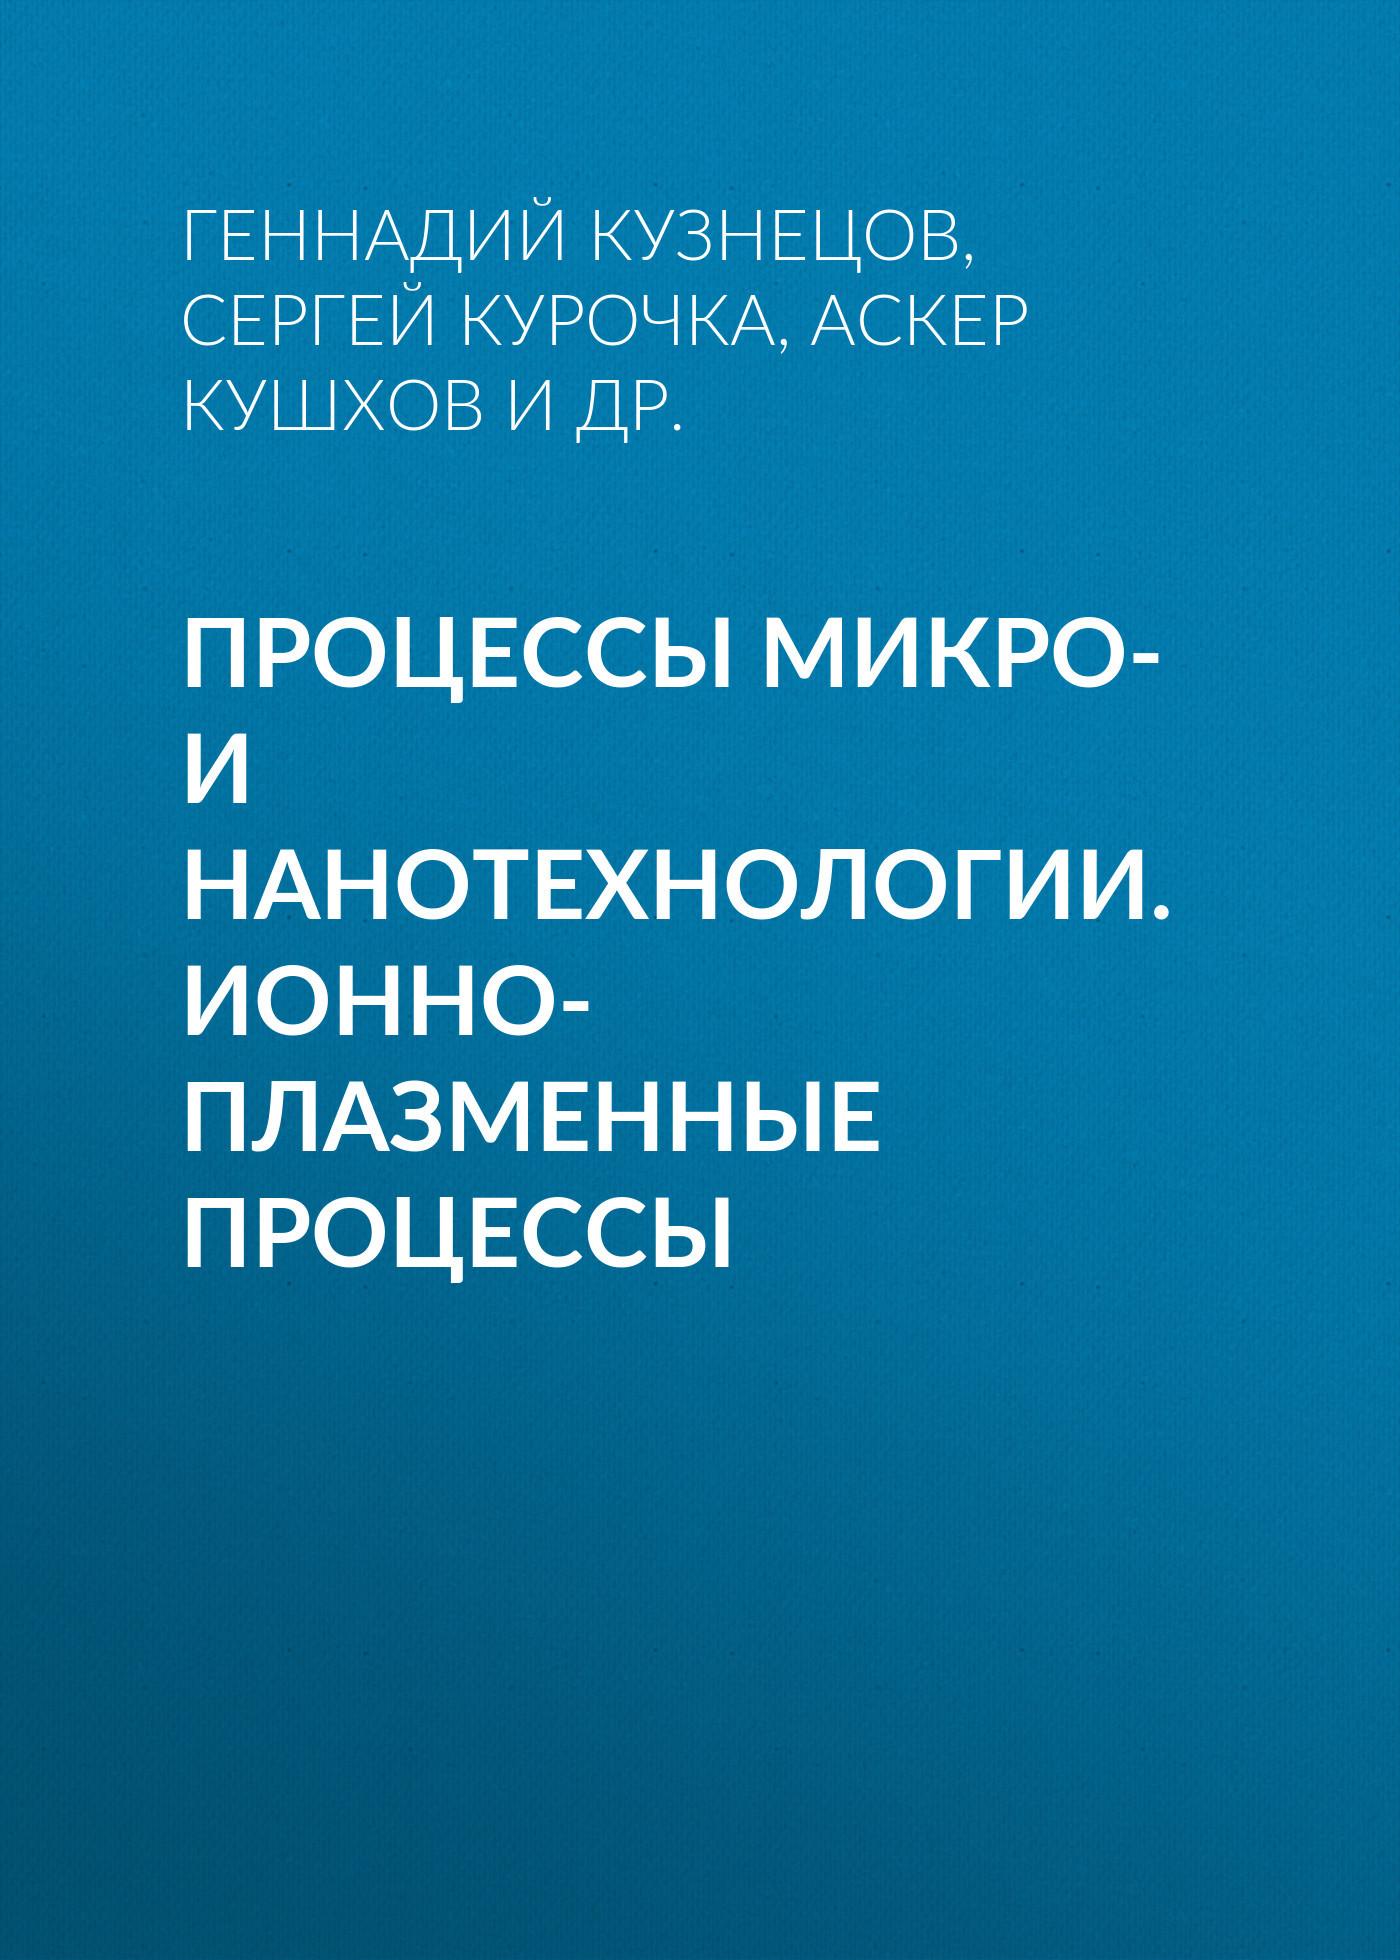 Аскер Кушхов Процессы микро- и нанотехнологии. Ионно-плазменные процессы кузнецов и дикуль и касьян уник методика леч позвоночника